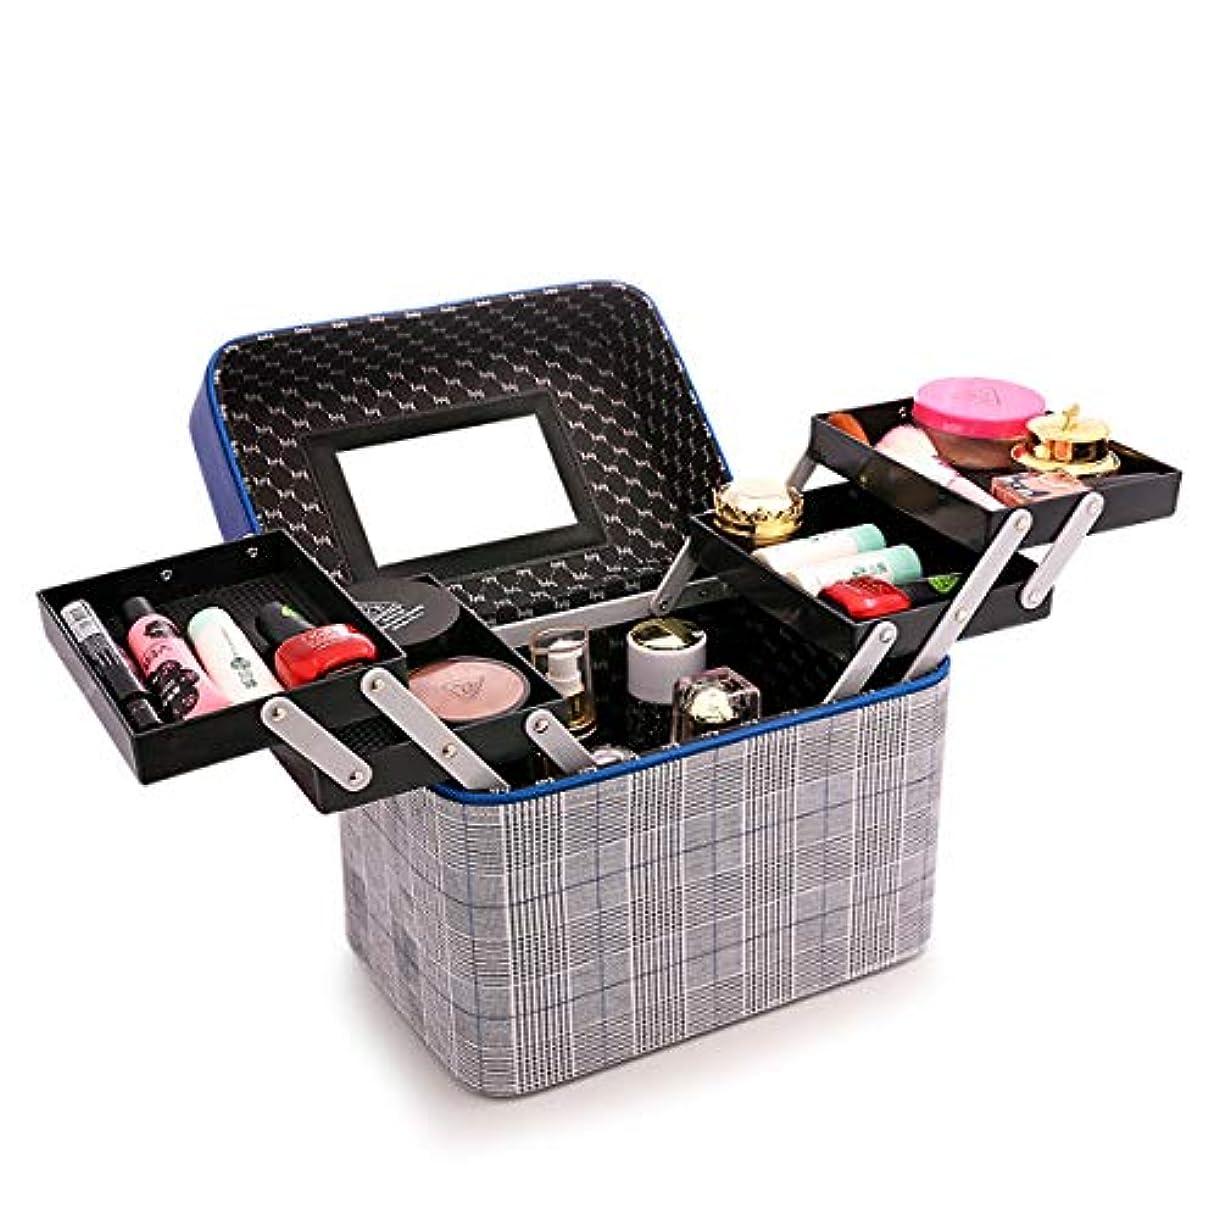 お互いカストディアンずっと化粧品収納ボックス 化粧品ケース メイクボックス メイクボックス コスメボックス 大容量 収納ケース 小物入れ 大容量 取っ手付 (ブルー)